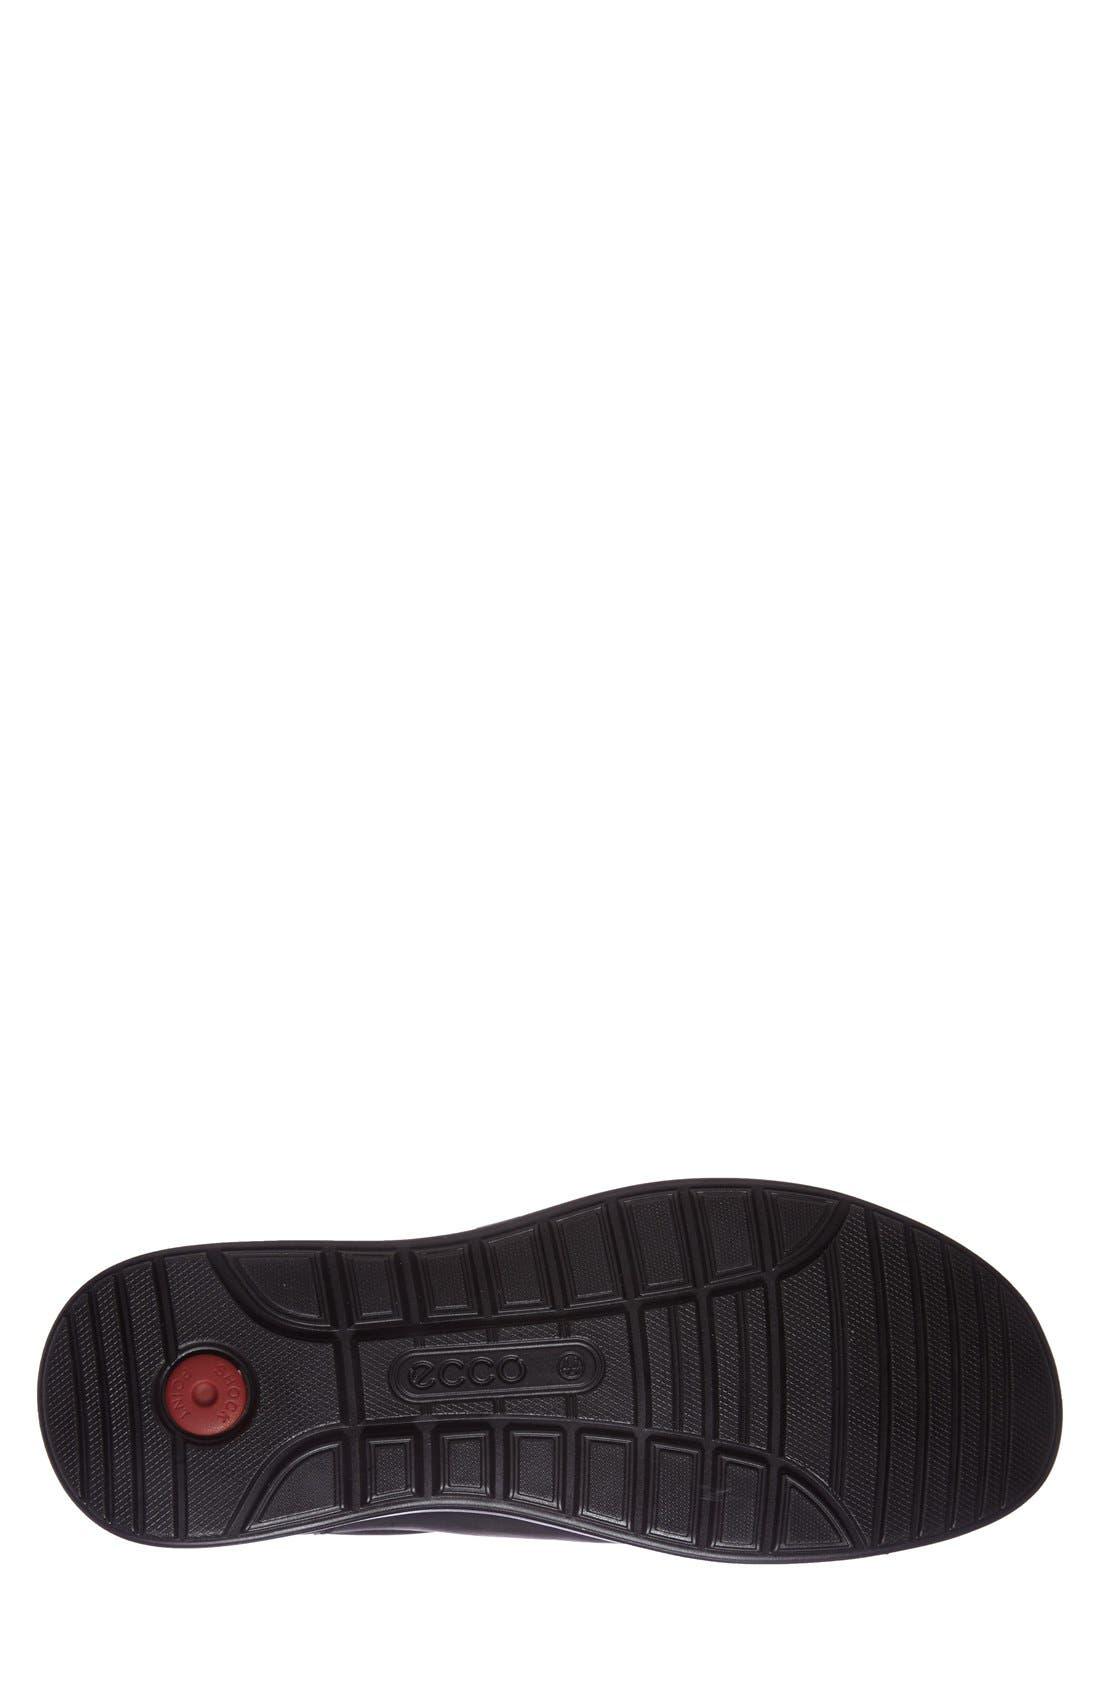 'Howell' Slip-On,                             Alternate thumbnail 4, color,                             Black